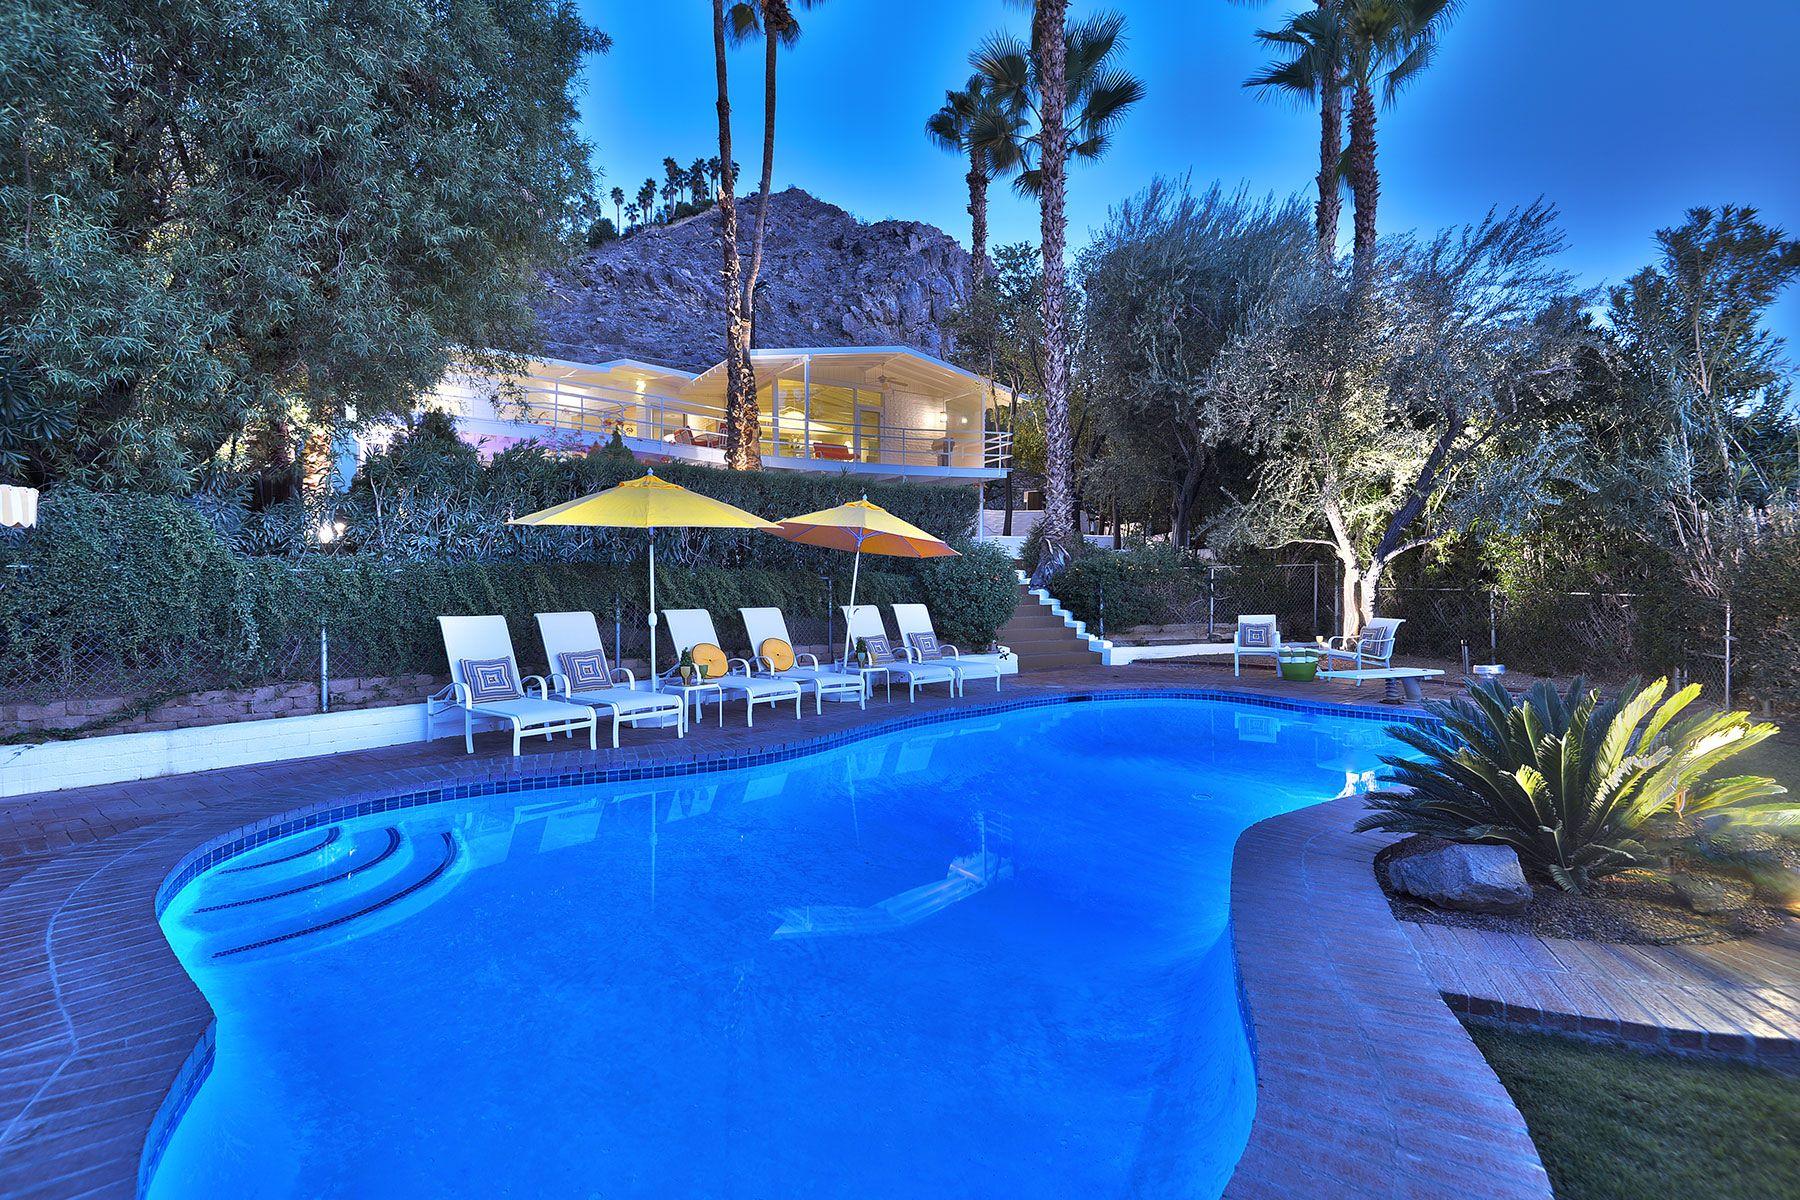 Частный односемейный дом для того Продажа на Howard Hughes Estate 2195 Rim Road Palm Springs, Калифорния 92264 Соединенные Штаты